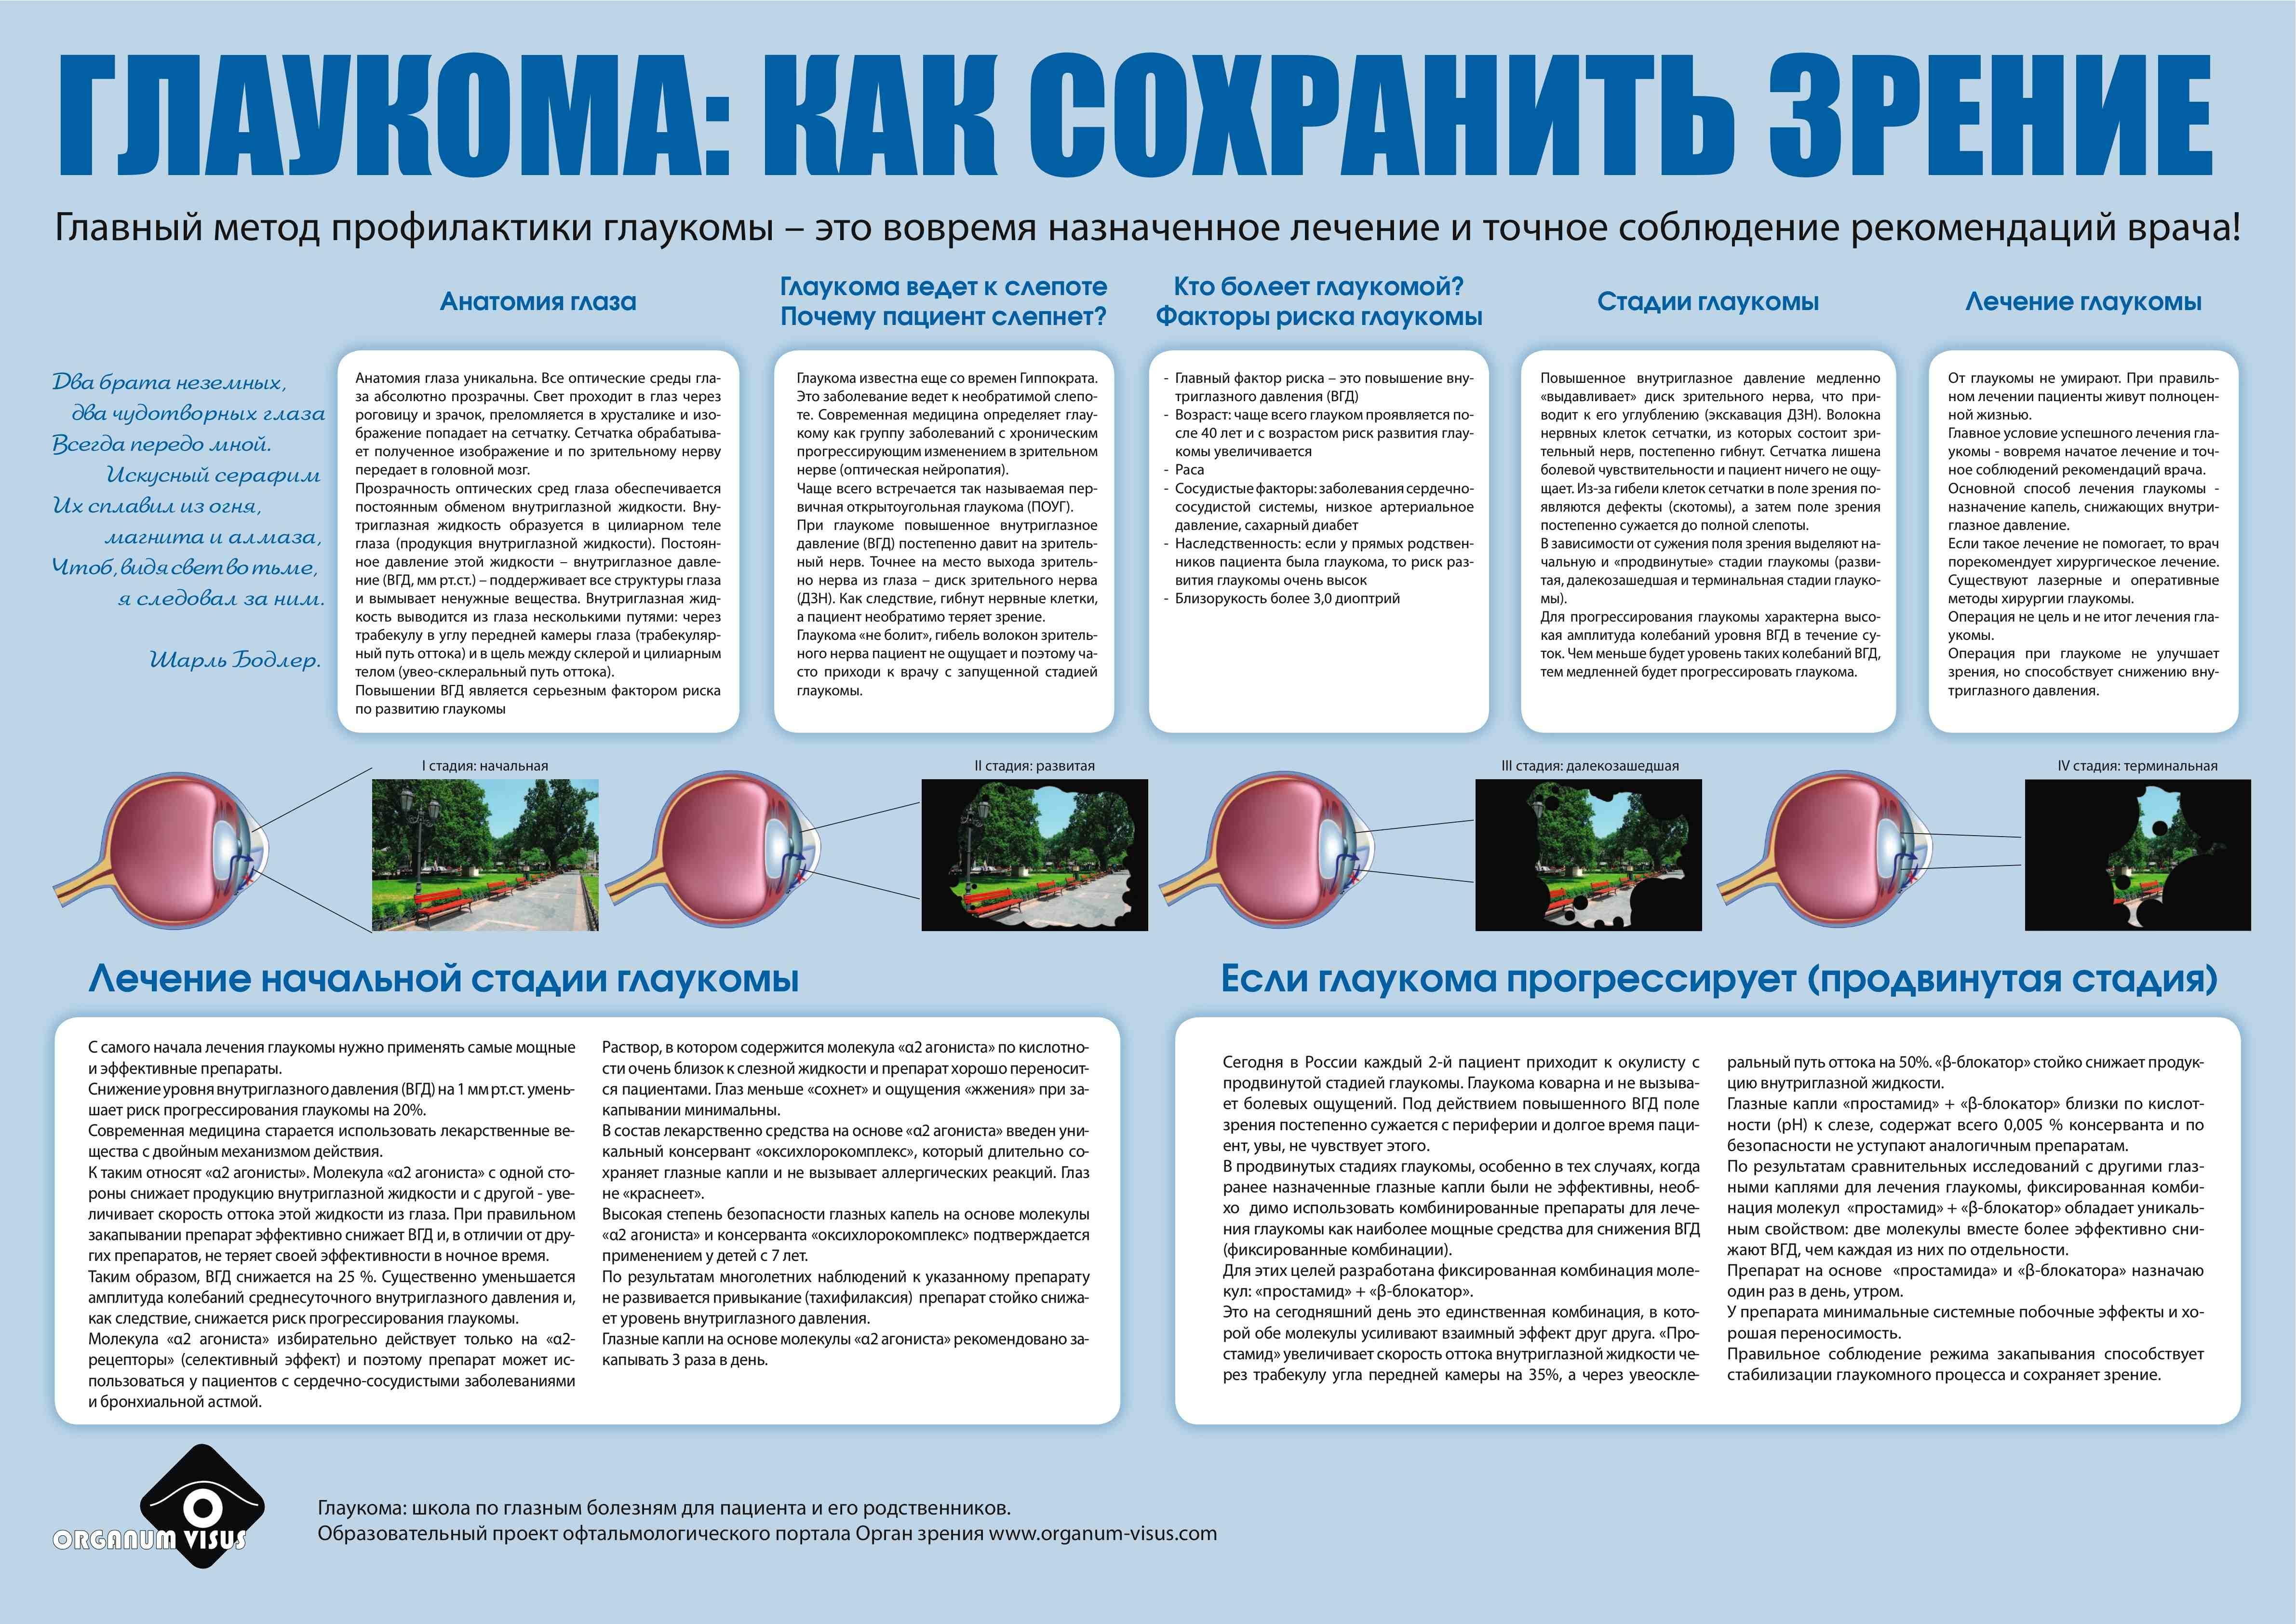 Противопоказания при глаукоме: что можно, чего нельзя и как сохранить здоровье — глаза эксперт